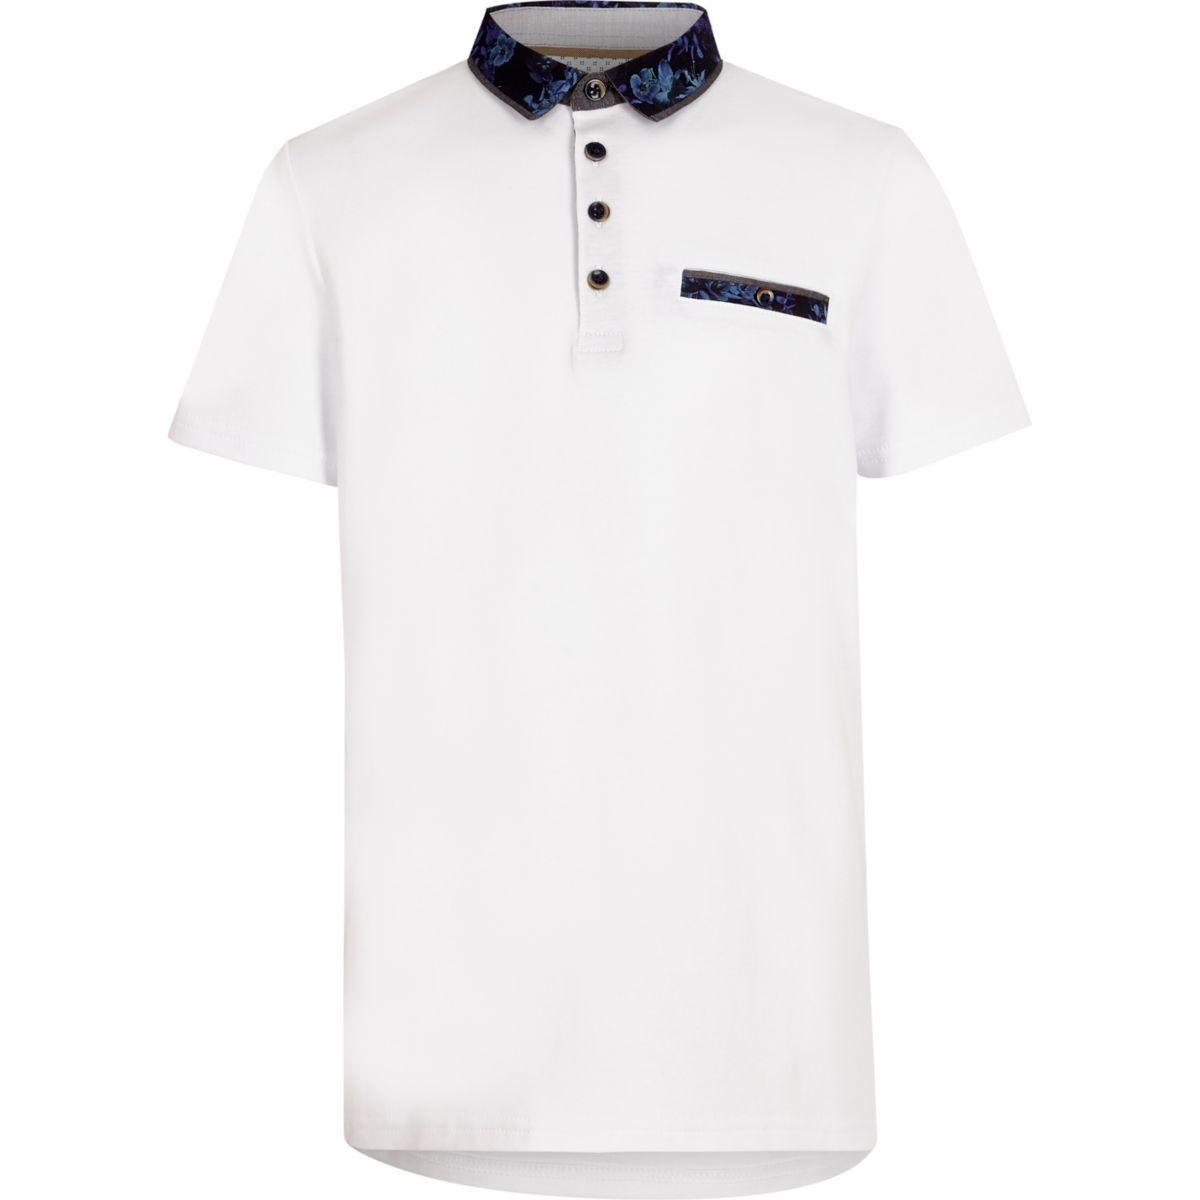 Boys white floral collar polo shirt